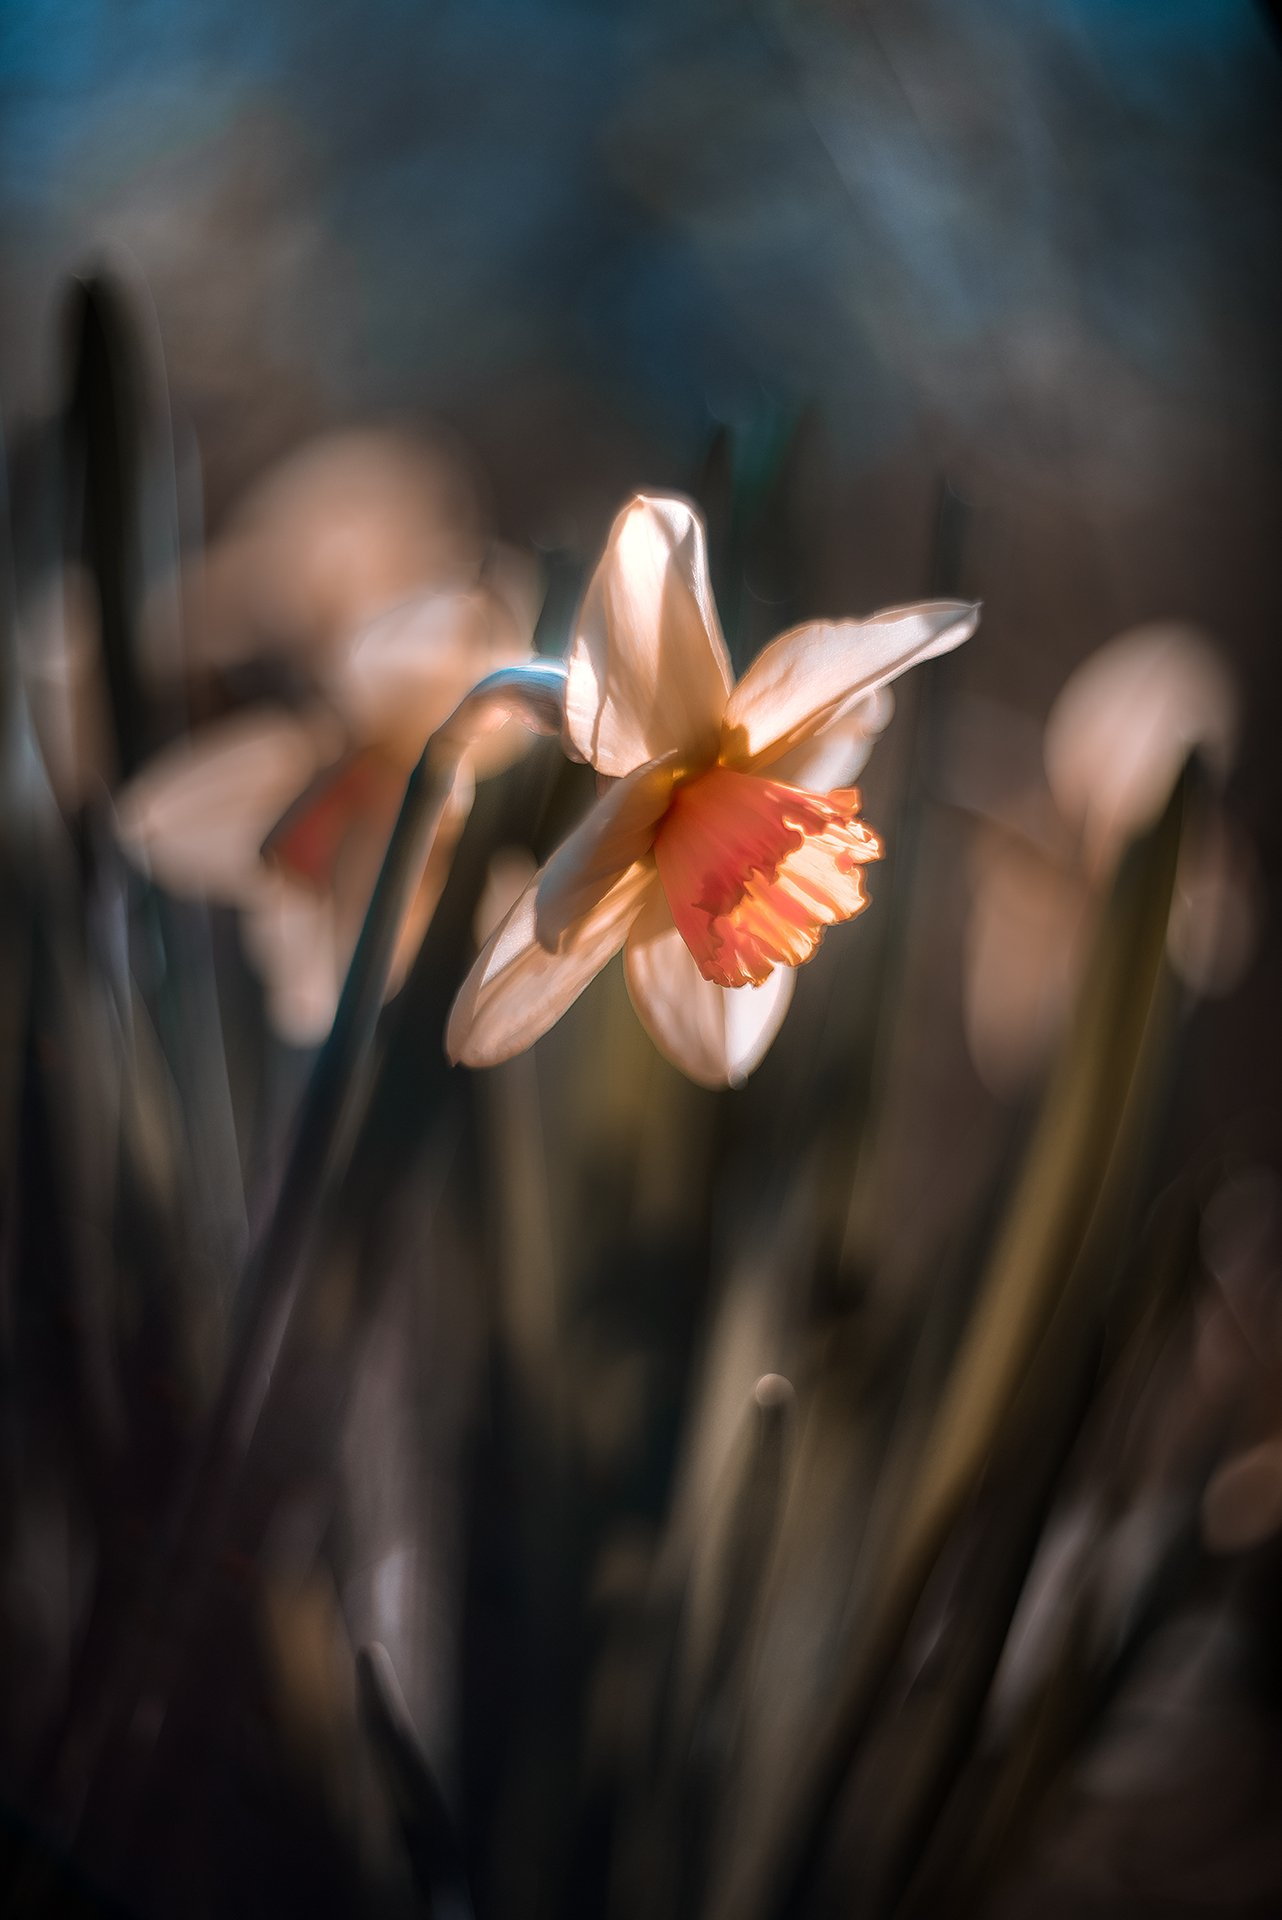 природа, макро, весна, цветы, нарцисс, Неля Рачкова